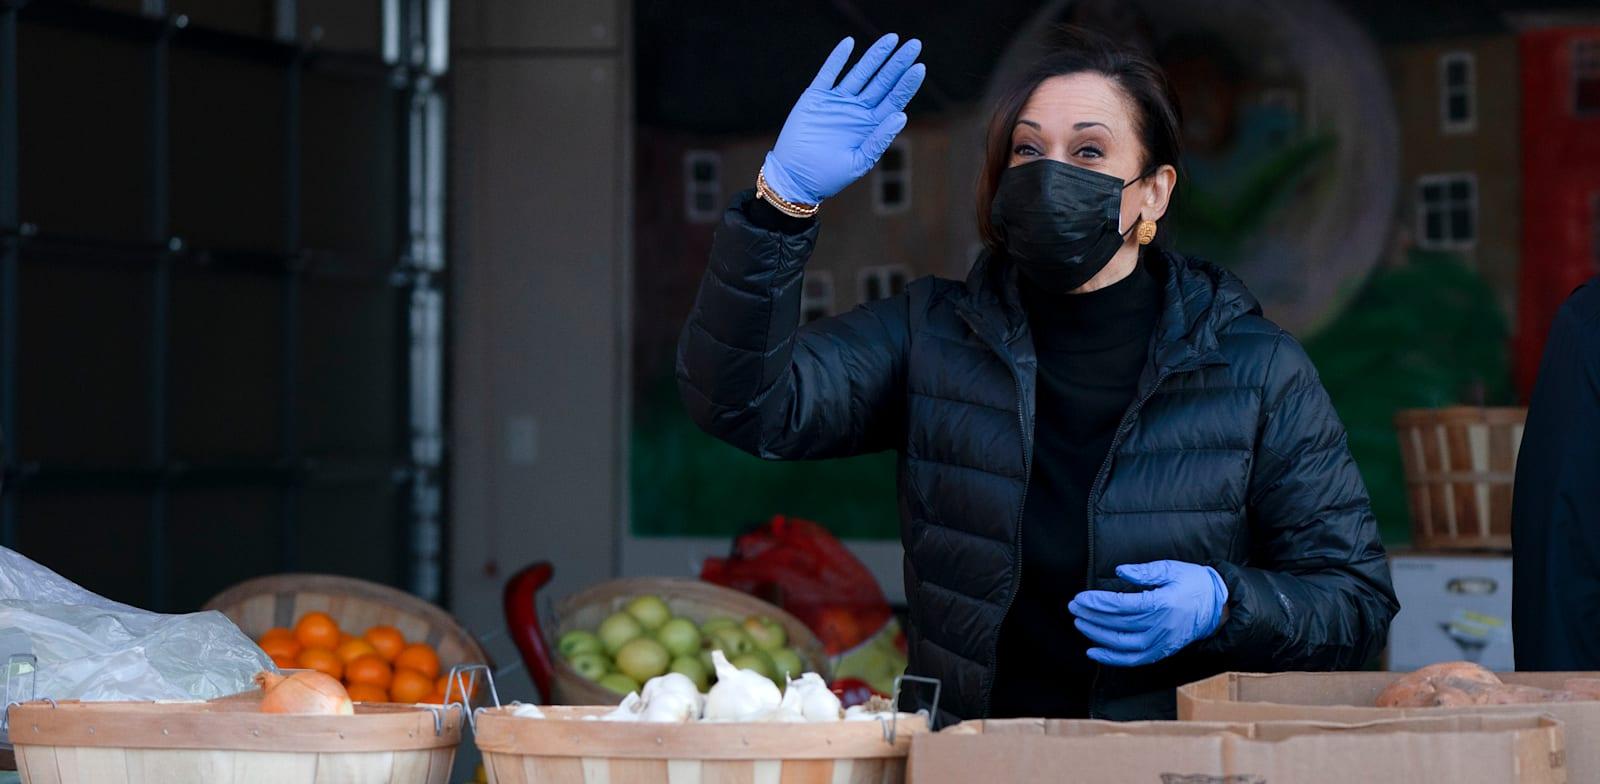 קאמלה האריס באריזת שקי מזון עבור נזקקים, שלשום / צילום: Associated Press, Jacquelyn Martin